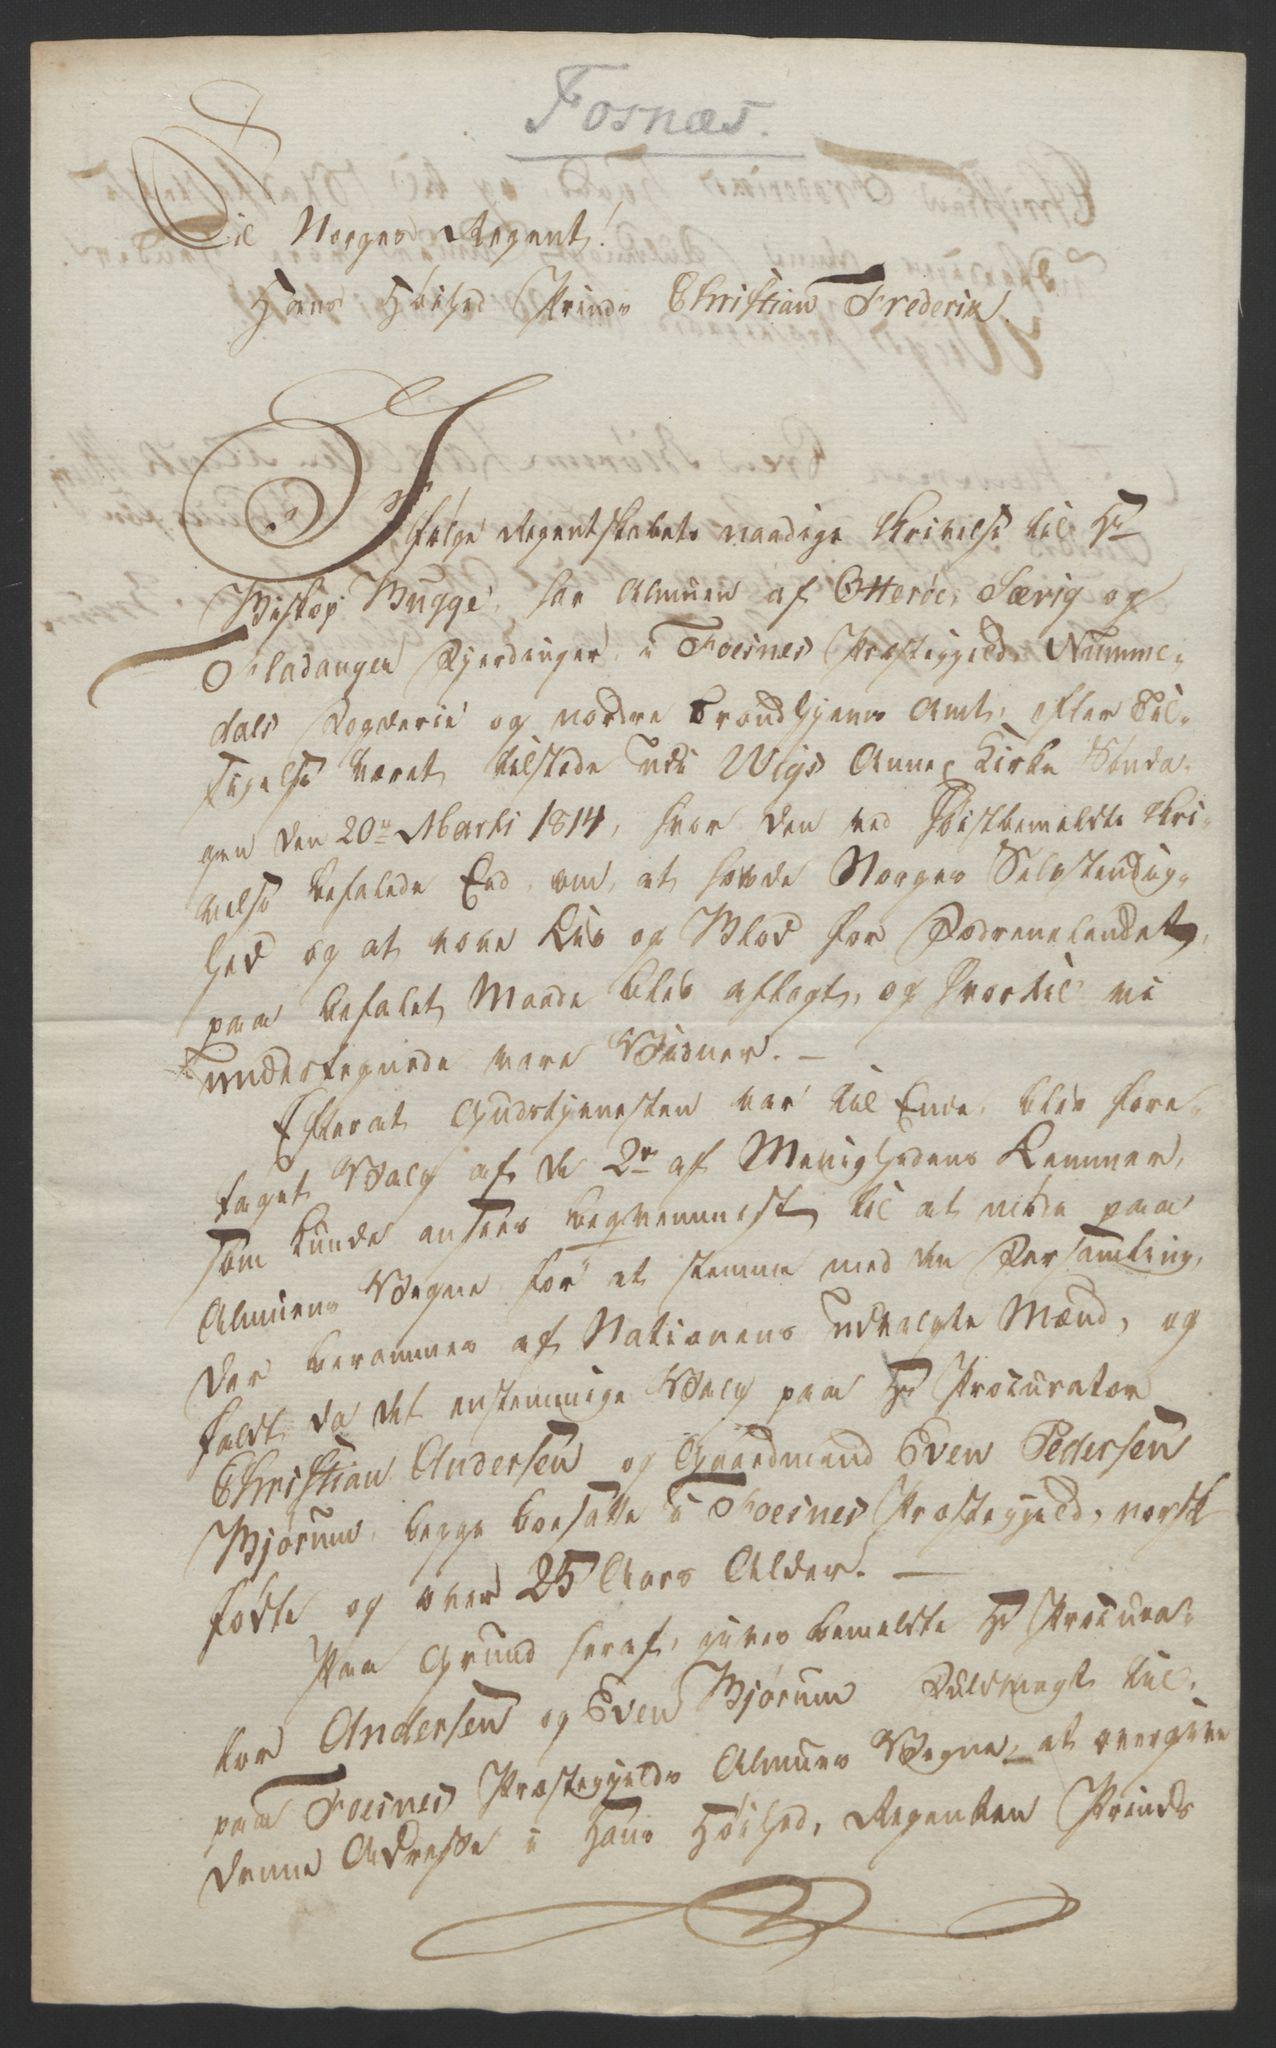 RA, Statsrådssekretariatet, D/Db/L0008: Fullmakter for Eidsvollsrepresentantene i 1814. , 1814, s. 467